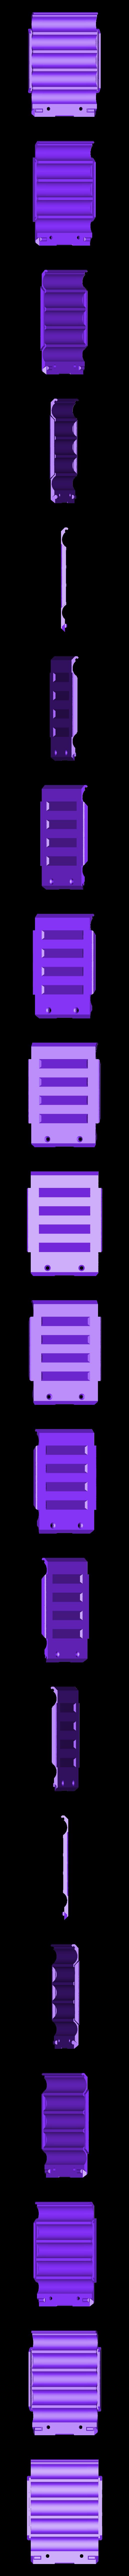 18650_5P_lid_V2.stl Télécharger fichier STL gratuit NESE, le module V2 sans soudure 18650 (FERMÉ) • Objet pour imprimante 3D, 18650